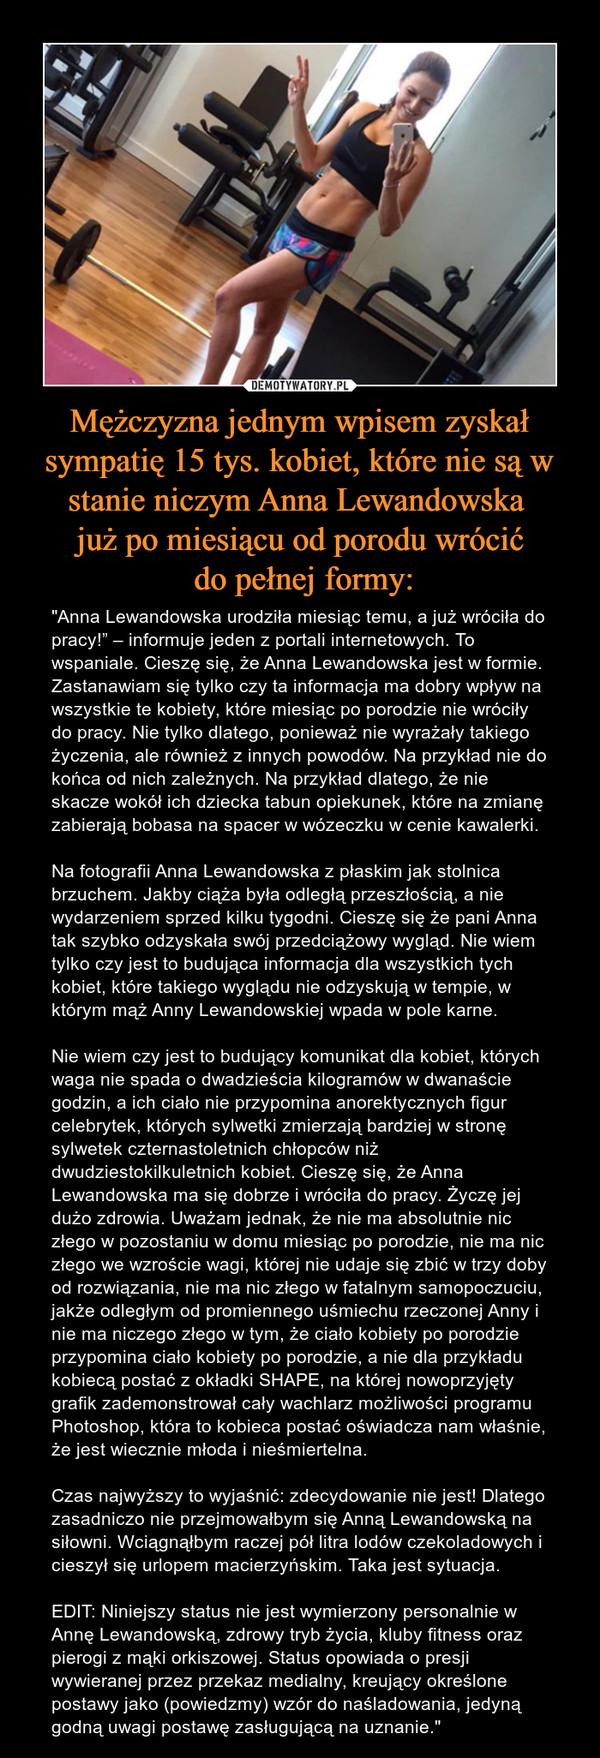 """Mężczyzna jednym wpisem zyskał sympatię 15 tys. kobiet, które nie są w stanie niczym Anna Lewandowska już po miesiącu od porodu wrócić do pełnej formy: – """"Anna Lewandowska urodziła miesiąc temu, a już wróciła do pracy!"""" – informuje jeden z portali internetowych. To wspaniale. Cieszę się, że Anna Lewandowska jest w formie. Zastanawiam się tylko czy ta informacja ma dobry wpływ na wszystkie te kobiety, które miesiąc po porodzie nie wróciły do pracy. Nie tylko dlatego, ponieważ nie wyrażały takiego życzenia, ale również z innych powodów. Na przykład nie do końca od nich zależnych. Na przykład dlatego, że nie skacze wokół ich dziecka tabun opiekunek, które na zmianę zabierają bobasa na spacer w wózeczku w cenie kawalerki.Na fotografii Anna Lewandowska z płaskim jak stolnica brzuchem. Jakby ciąża była odległą przeszłością, a nie wydarzeniem sprzed kilku tygodni. Cieszę się że pani Anna tak szybko odzyskała swój przedciążowy wygląd. Nie wiem tylko czy jest to budująca informacja dla wszystkich tych kobiet, które takiego wyglądu nie odzyskują w tempie, w którym mąż Anny Lewandowskiej wpada w pole karne.Nie wiem czy jest to budujący komunikat dla kobiet, których waga nie spada o dwadzieścia kilogramów w dwanaście godzin, a ich ciało nie przypomina anorektycznych figur celebrytek, których sylwetki zmierzają bardziej w stronę sylwetek czternastoletnich chłopców niż dwudziestokilkuletnich kobiet. Cieszę się, że Anna Lewandowska ma się dobrze i wróciła do pracy. Życzę jej dużo zdrowia. Uważam jednak, że nie ma absolutnie nic złego w pozostaniu w domu miesiąc po porodzie, nie ma nic złego we wzroście wagi, której nie udaje się zbić w trzy doby od rozwiązania, nie ma nic złego w fatalnym samopoczuciu, jakże odległym od promiennego uśmiechu rzeczonej Anny i nie ma niczego złego w tym, że ciało kobiety po porodzie przypomina ciało kobiety po porodzie, a nie dla przykładu kobiecą postać z okładki SHAPE, na której nowoprzyjęty grafik zademonstrował cały wachlarz możliwości programu P"""